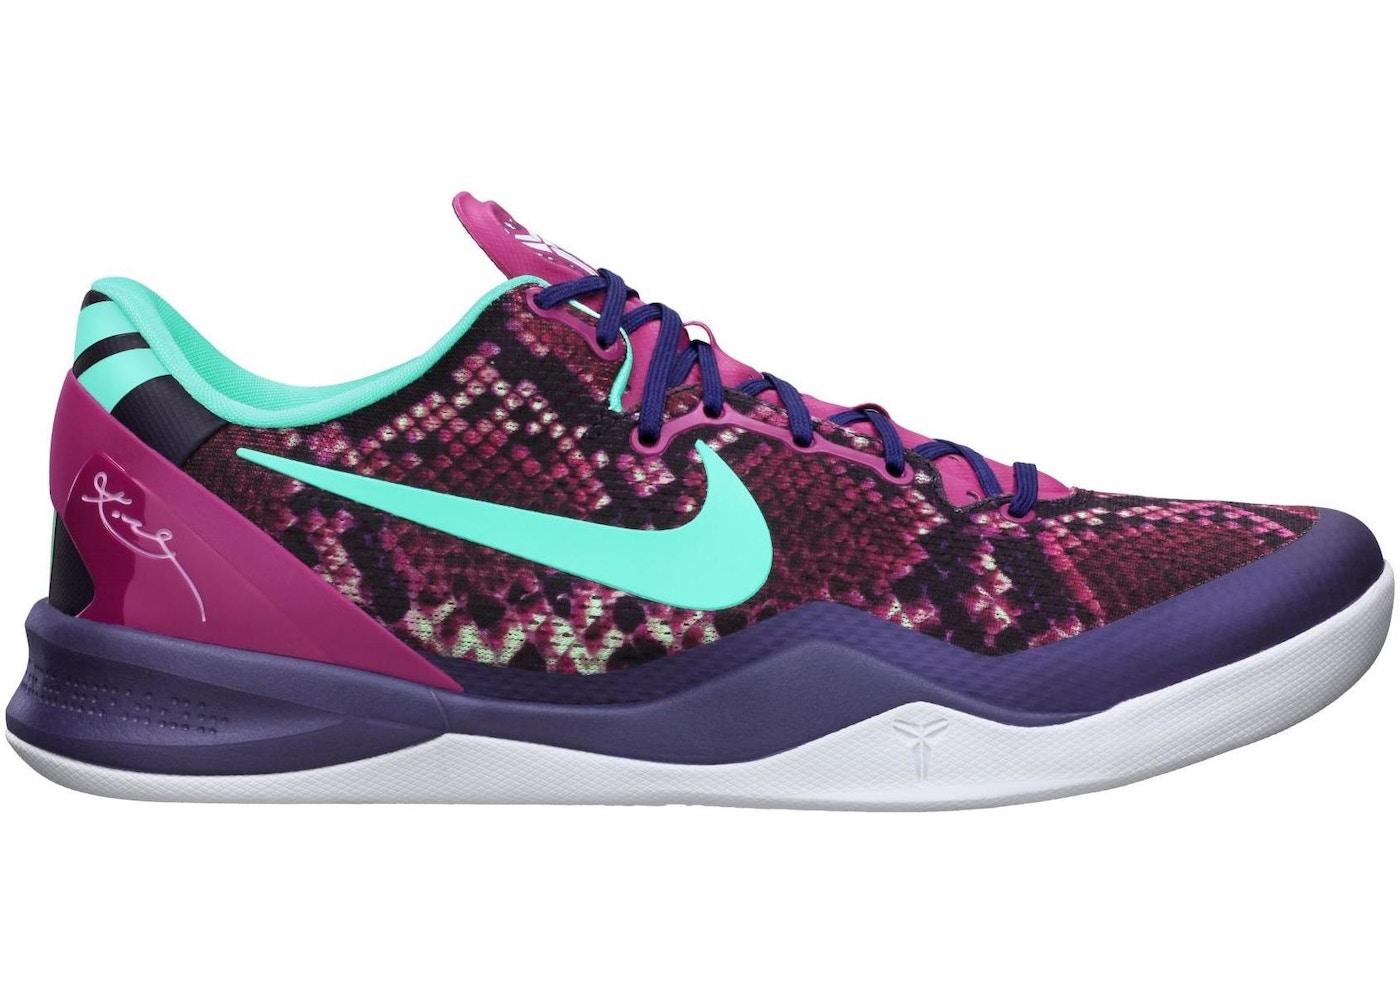 détaillant en ligne 92933 5b0e2 Buy Nike Kobe 8 Shoes & Deadstock Sneakers